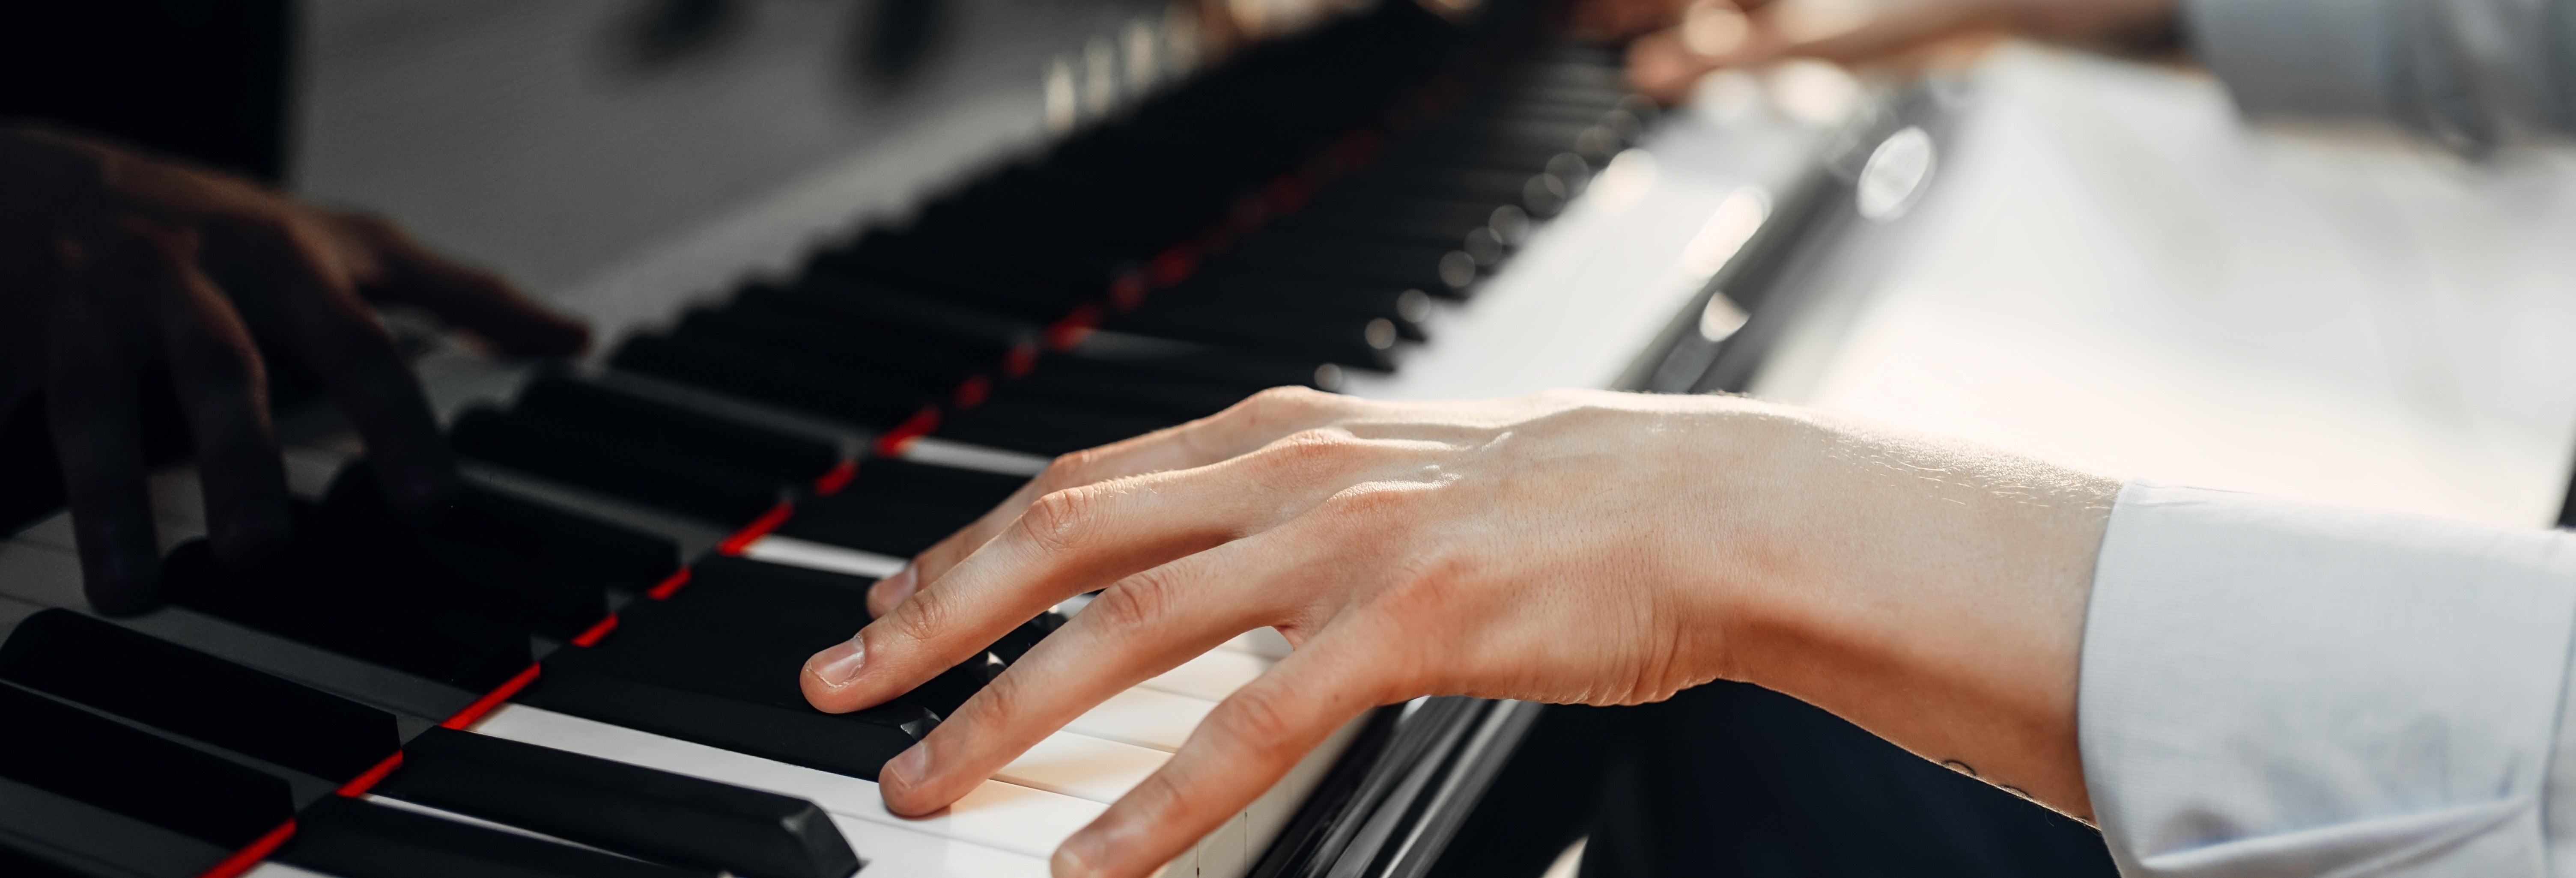 Concierto de piano con música de Chopin